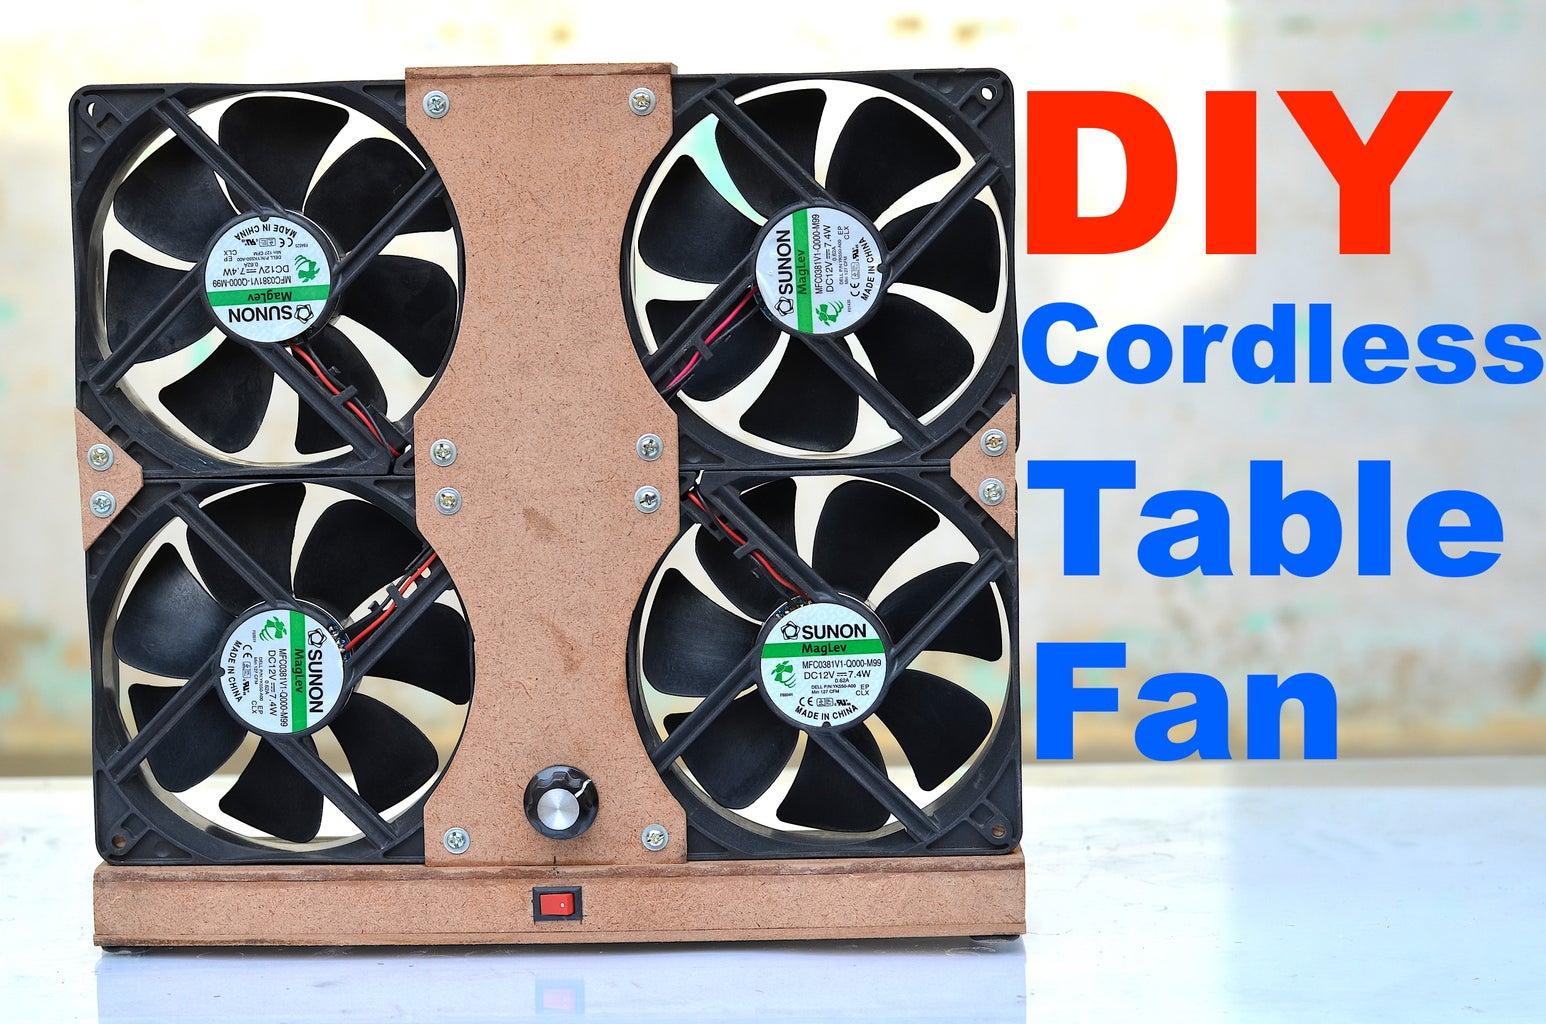 DIY Cordless Table Fan From Scrap